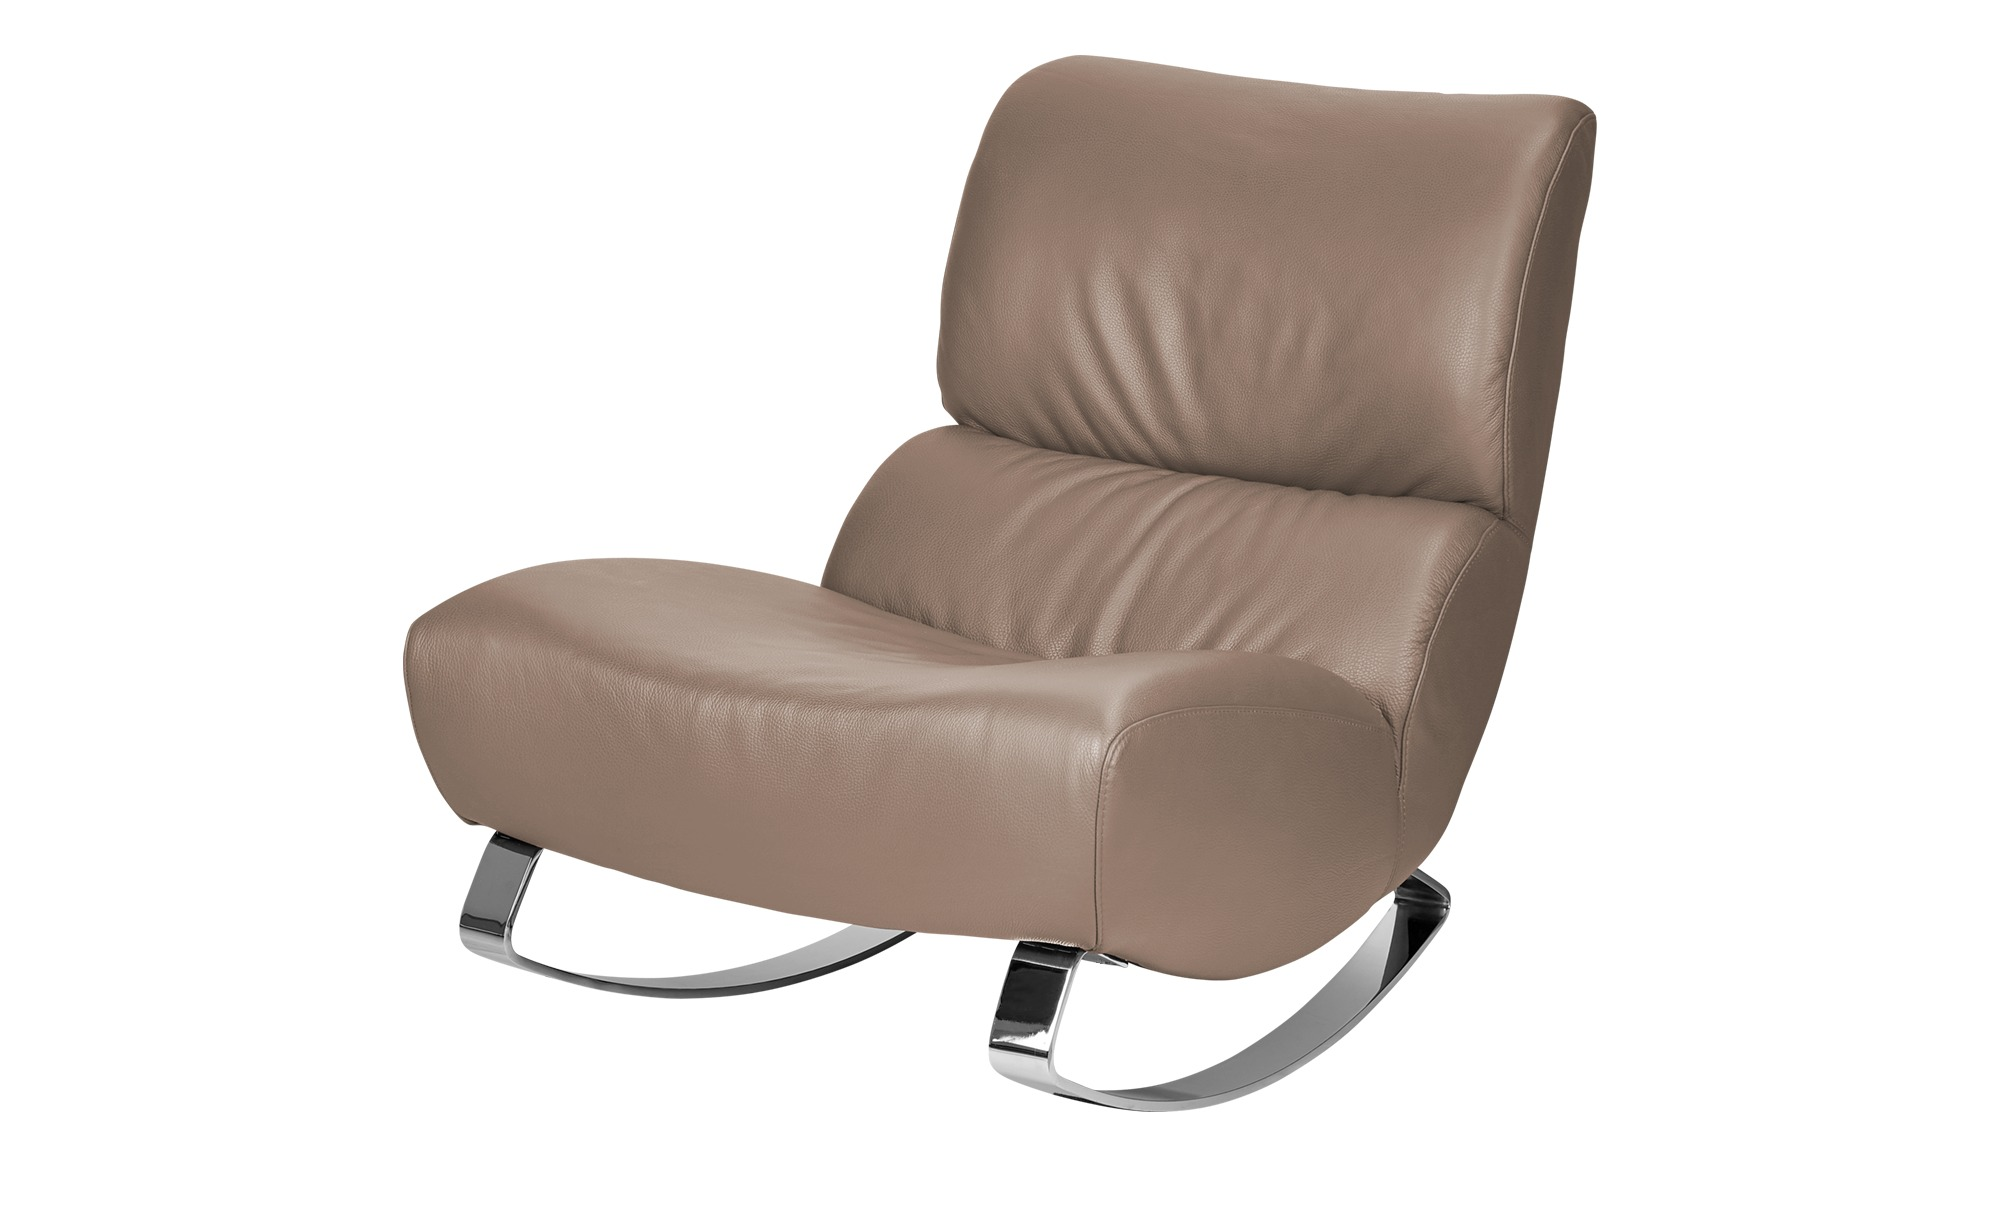 Design-Sessel braun - Leder Citole ¦ braun ¦ Maße (cm): B: 76 H: 90 T: 103 Polstermöbel > Sessel > Ledersessel - Höffner